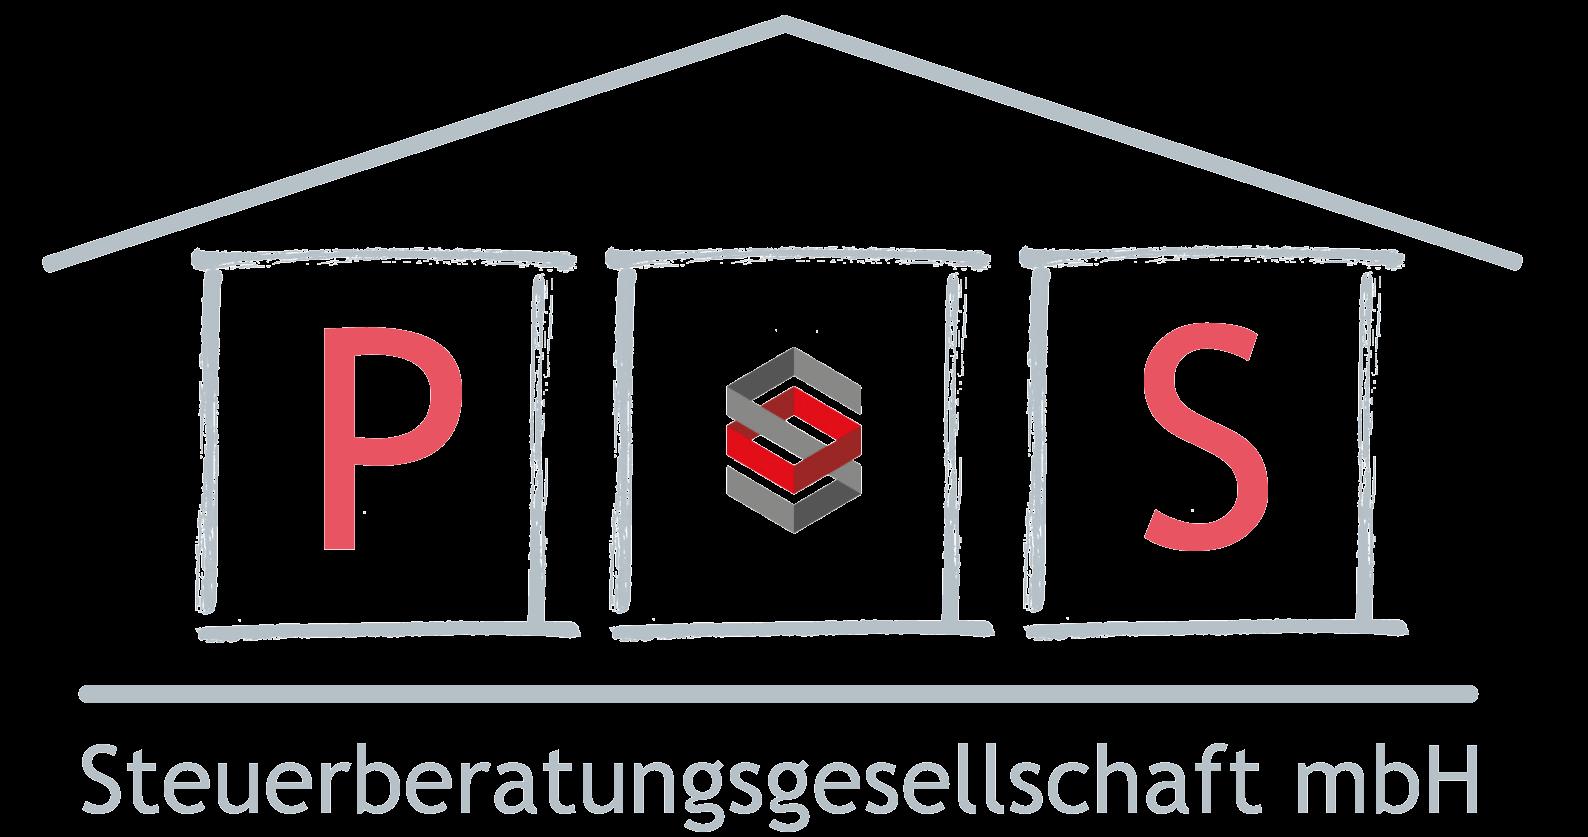 cropped Final Logo final 3